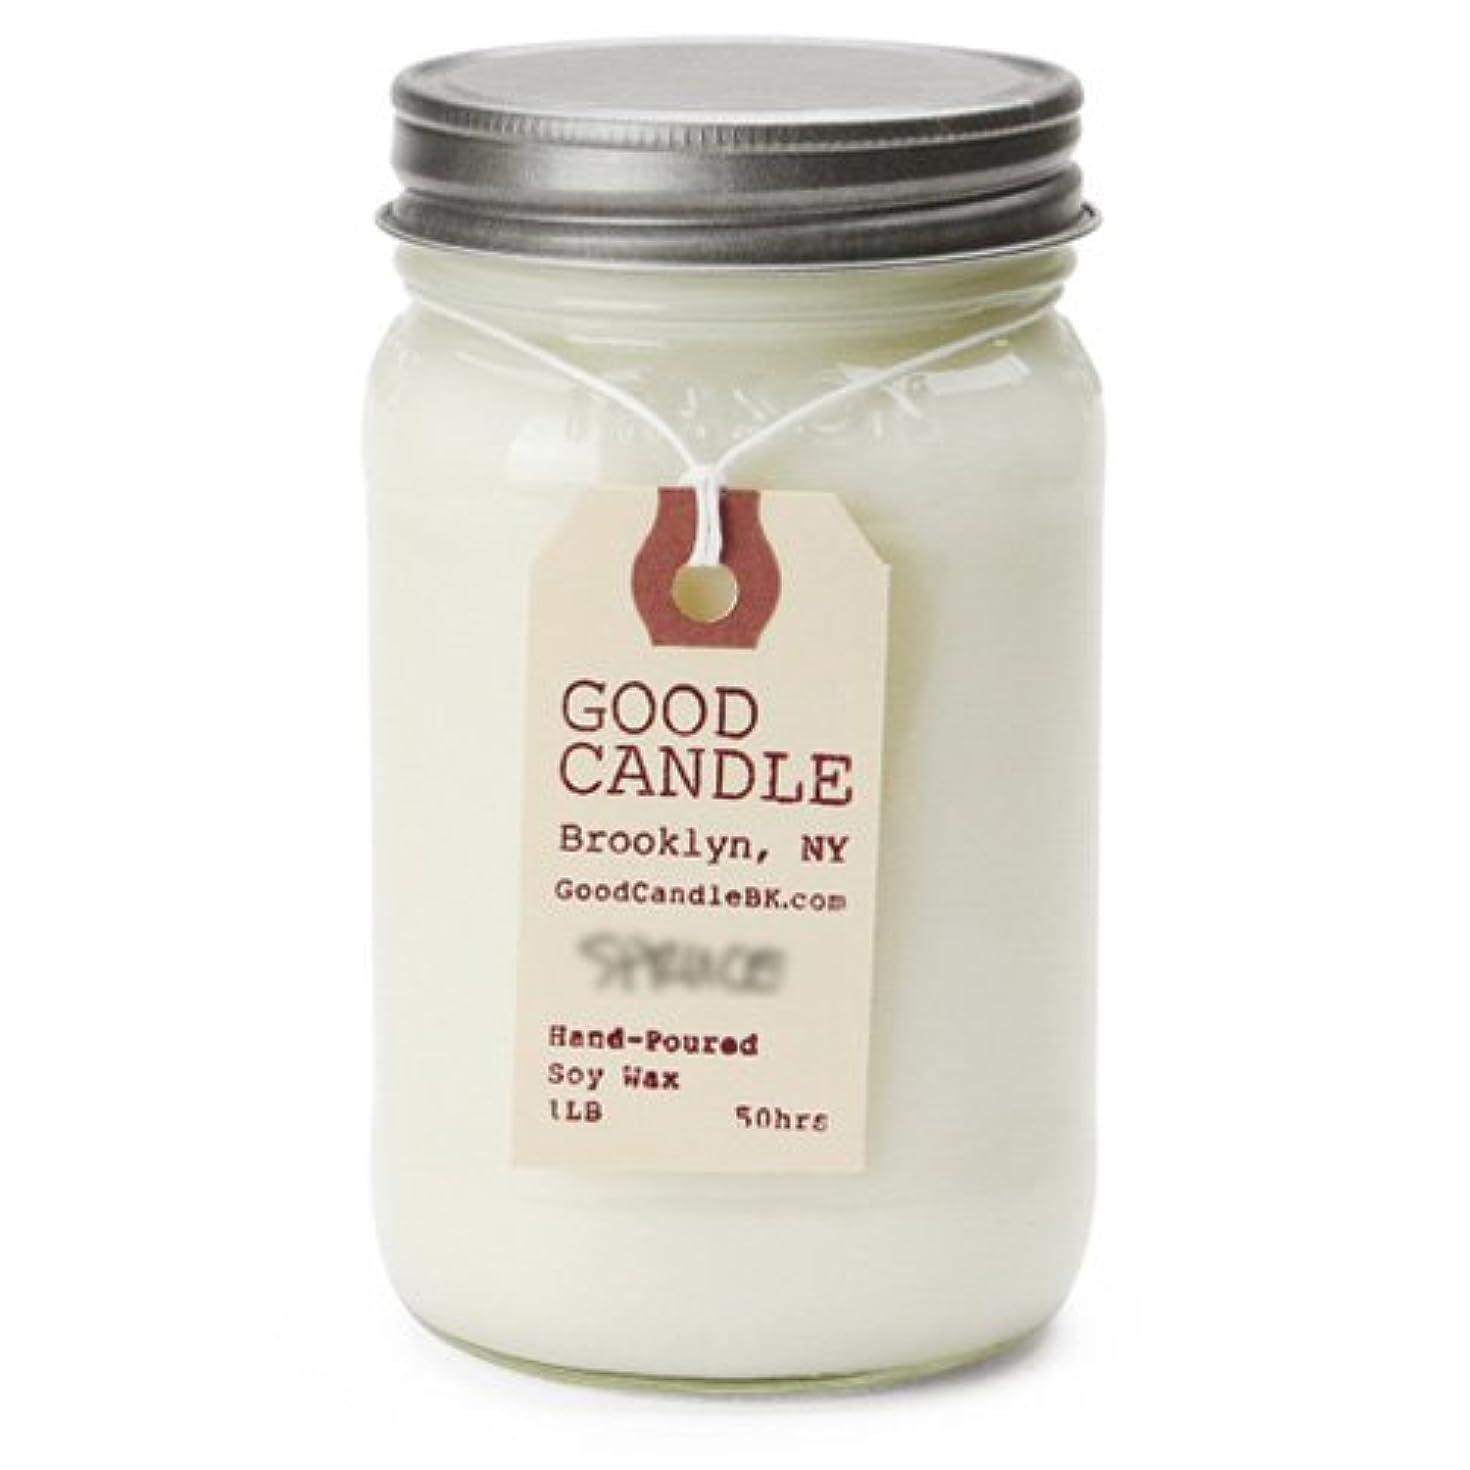 オークランド進化するよろしくグッドキャンドル 1ポンド メイソンジャー キャンドル Good Candle 1LB Mason jar candle [ bayberry ] 正規品